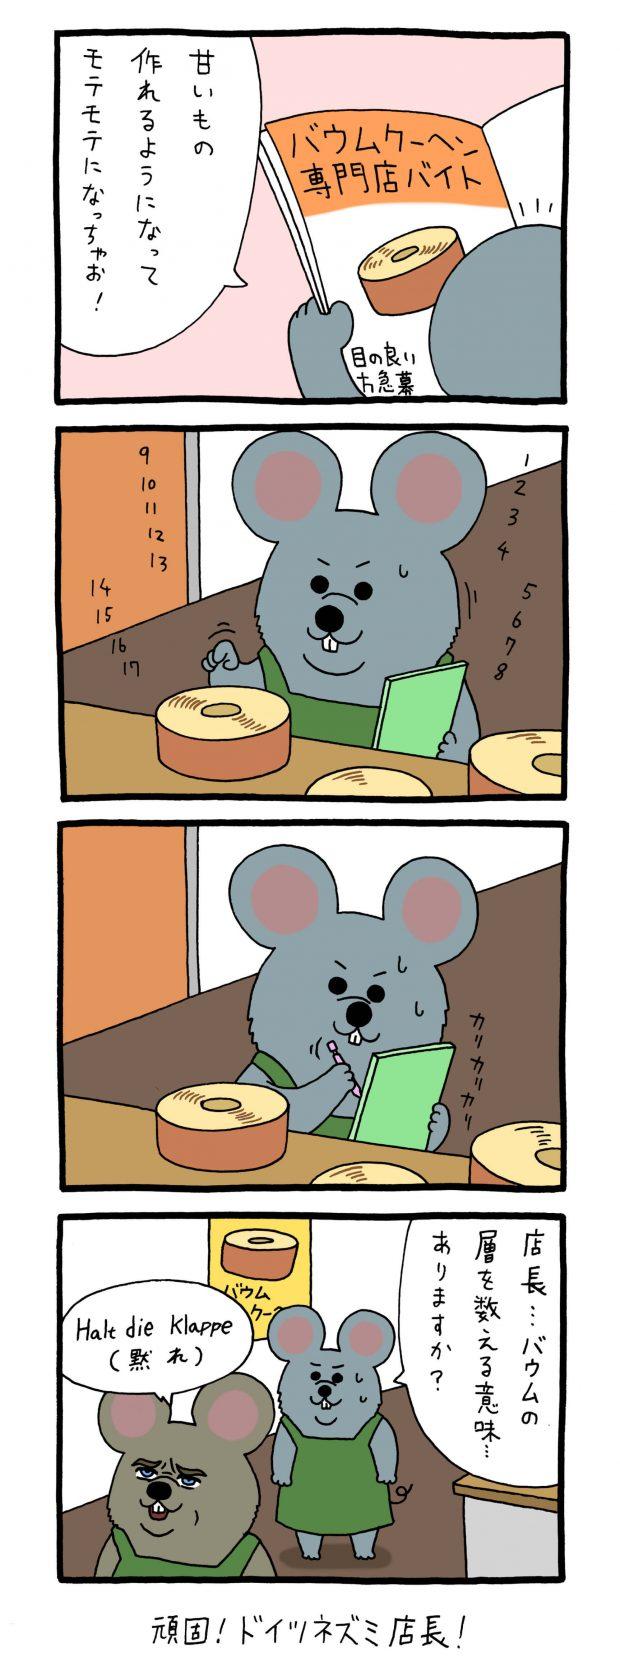 キューライス 漫画 4コマ ネズミダ バイト タウンワークマガジン